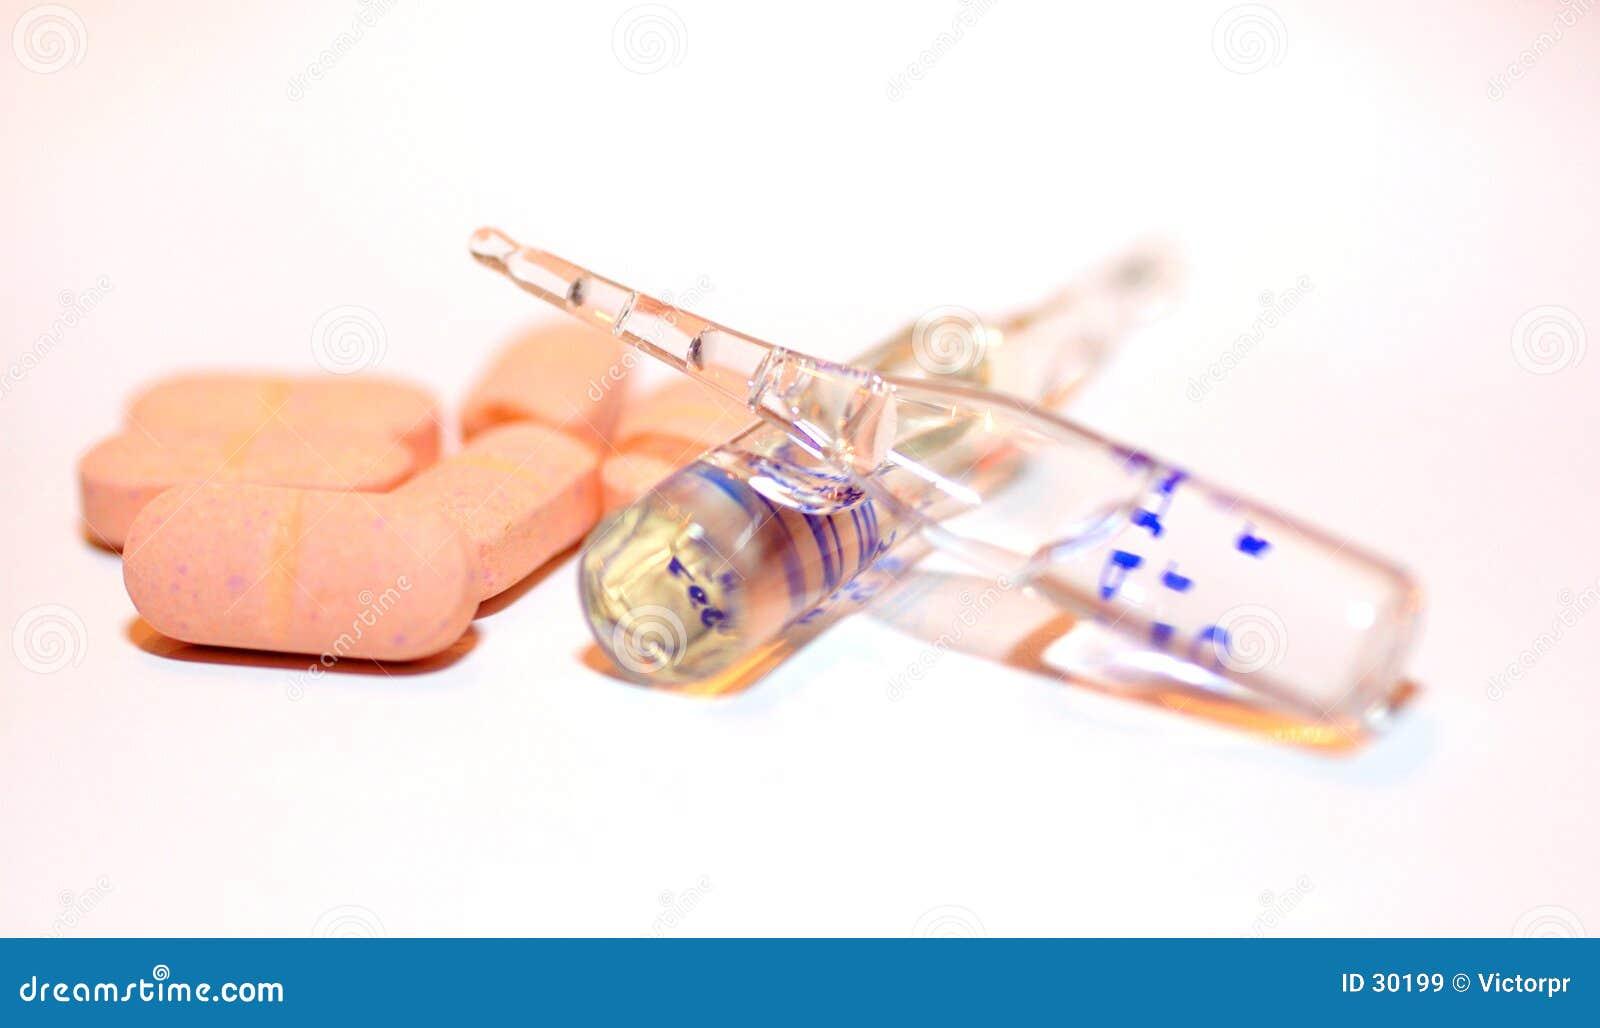 Läkarundersökning